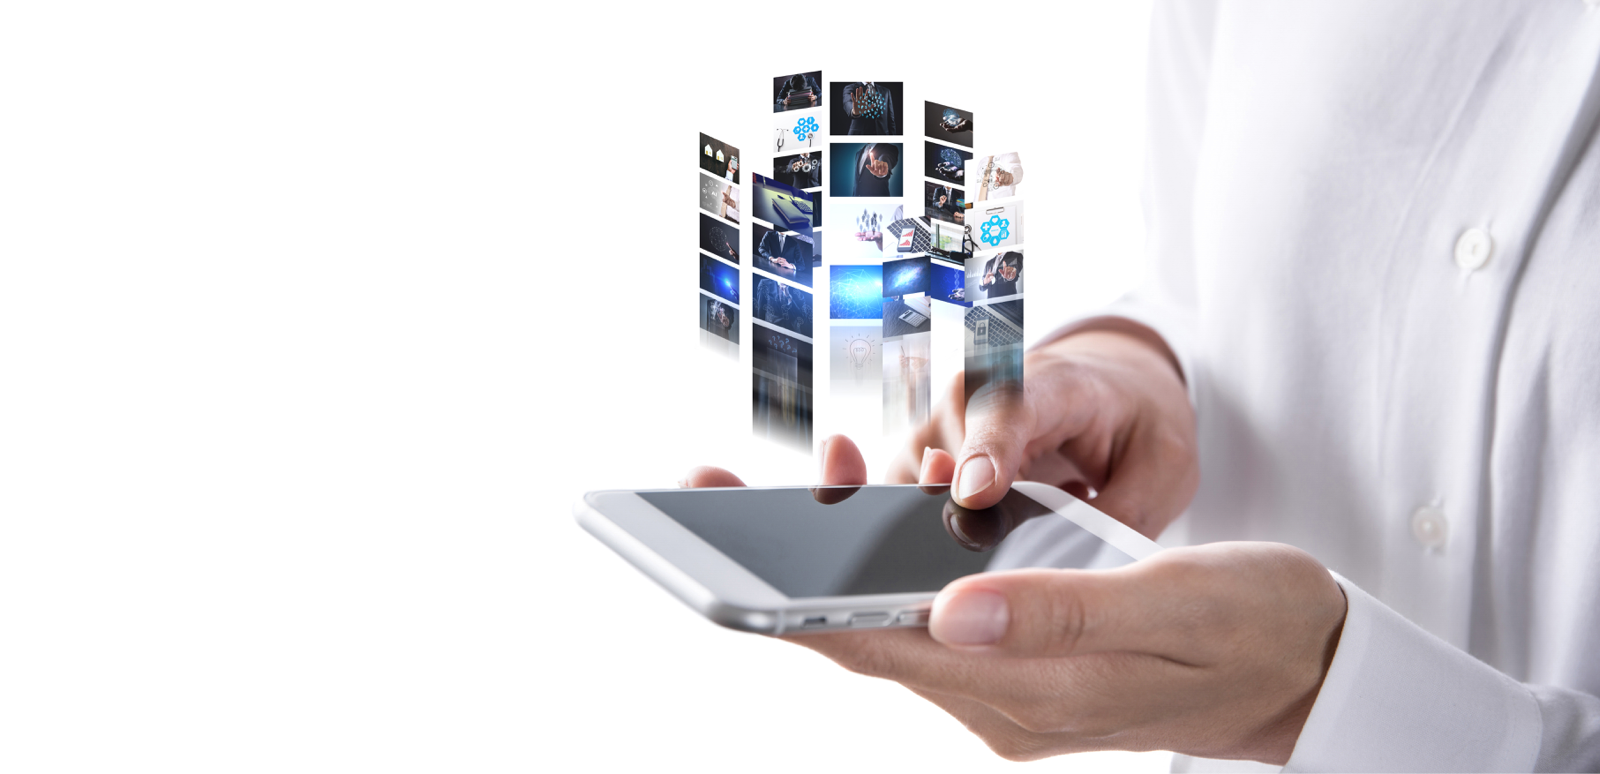 スマートフォン上に浮かび上がる複数の映像アーカイブ